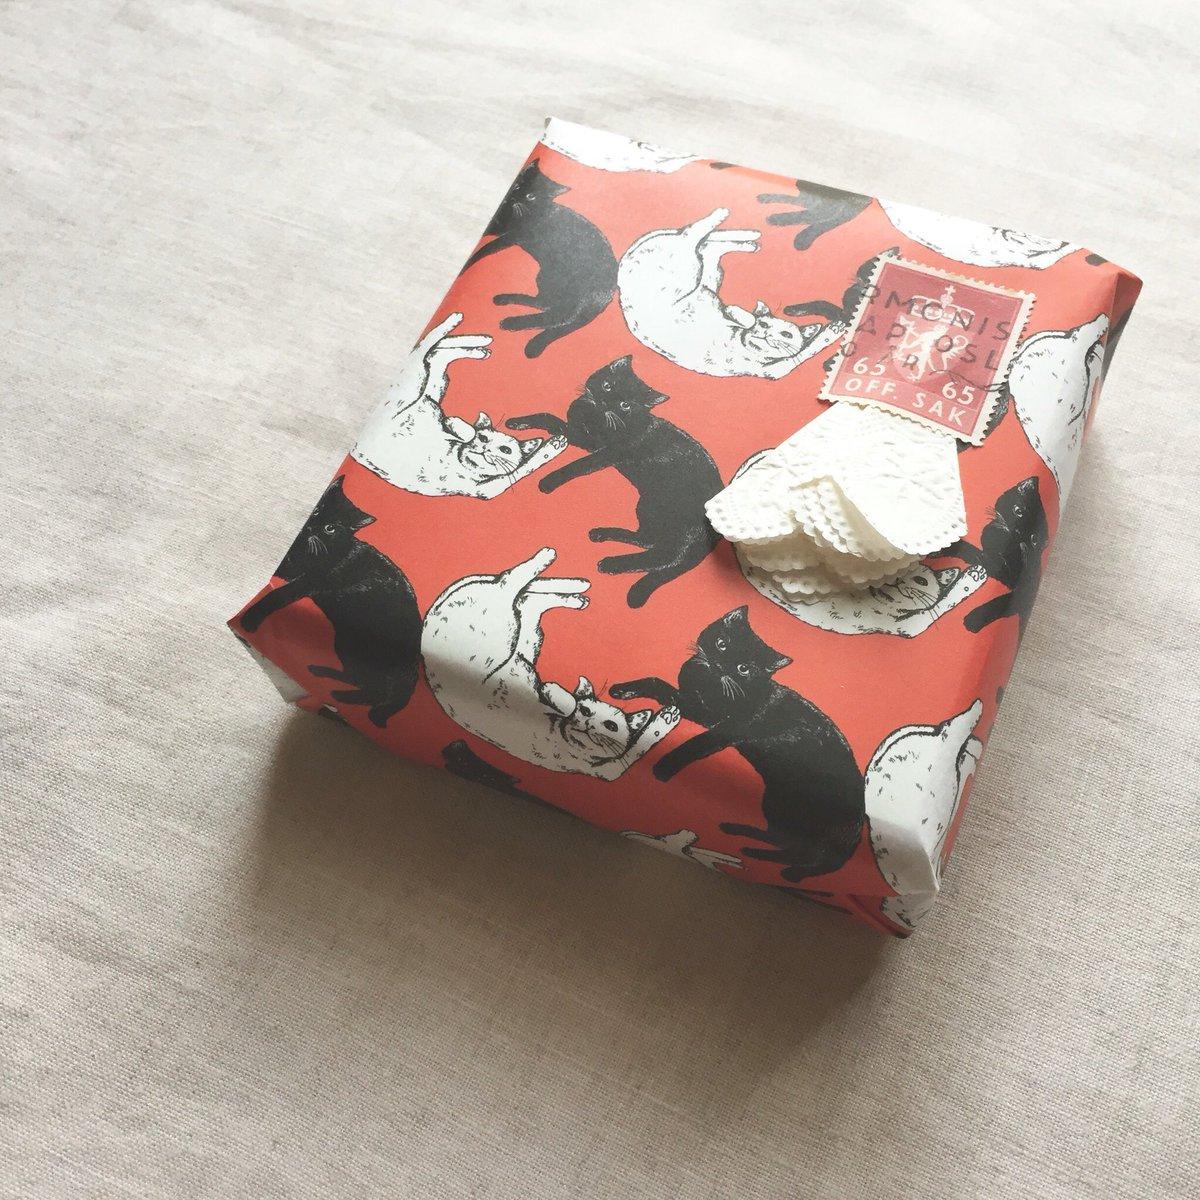 #阪急アリス展 作品紹介⑥ 白猫と黒猫の紙雑貨は、キティとスノードロップのよう… 赤い絨毯にごろん、とリラックス。 首にリボンを結んであげたくなりますね。 ラッピングペーパーは、これから来る贈り物の季節にぴったりです。 https://t.co/244egI2BmH